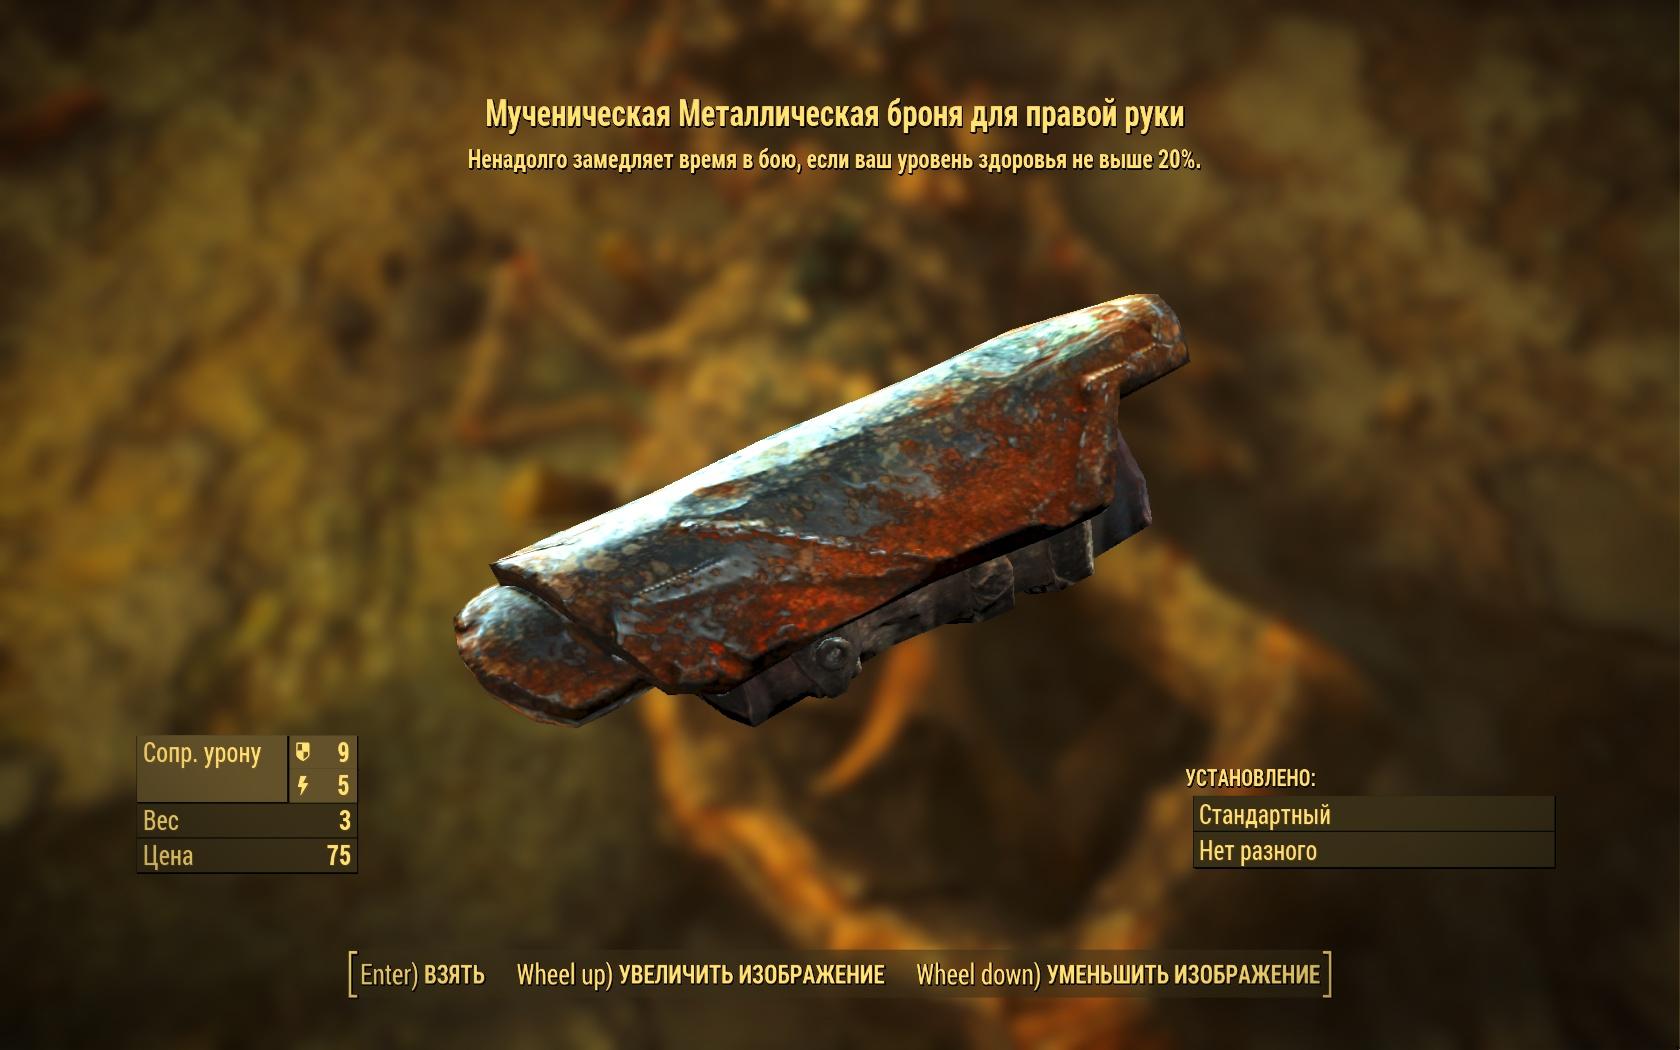 Мученическая металлическая броня для правой руки - Fallout 4 броня, металлическая, Мученическая, Одежда